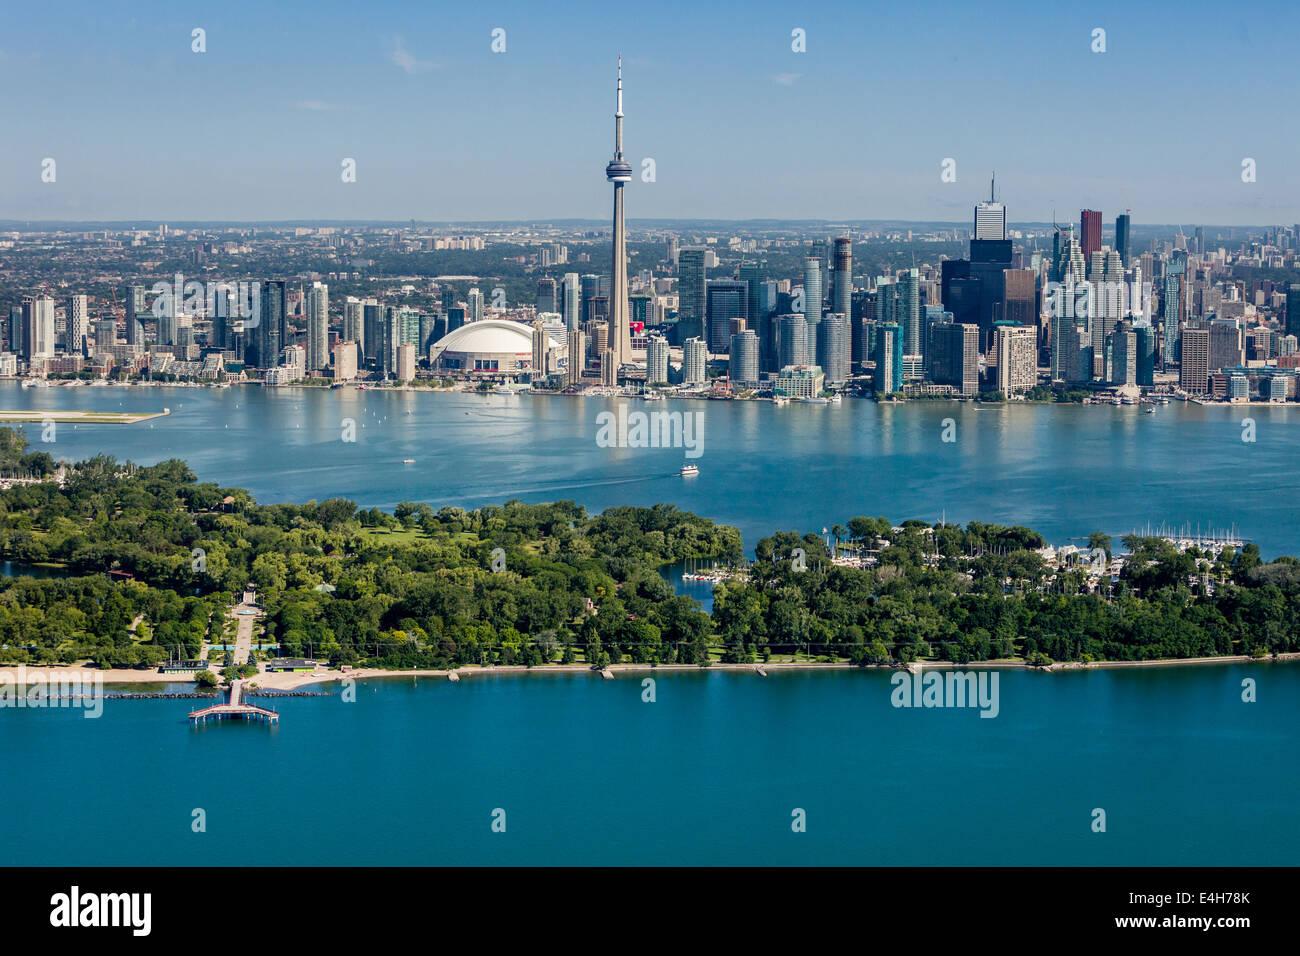 Vue aérienne de la ville de Toronto avec les îles. Photo Stock